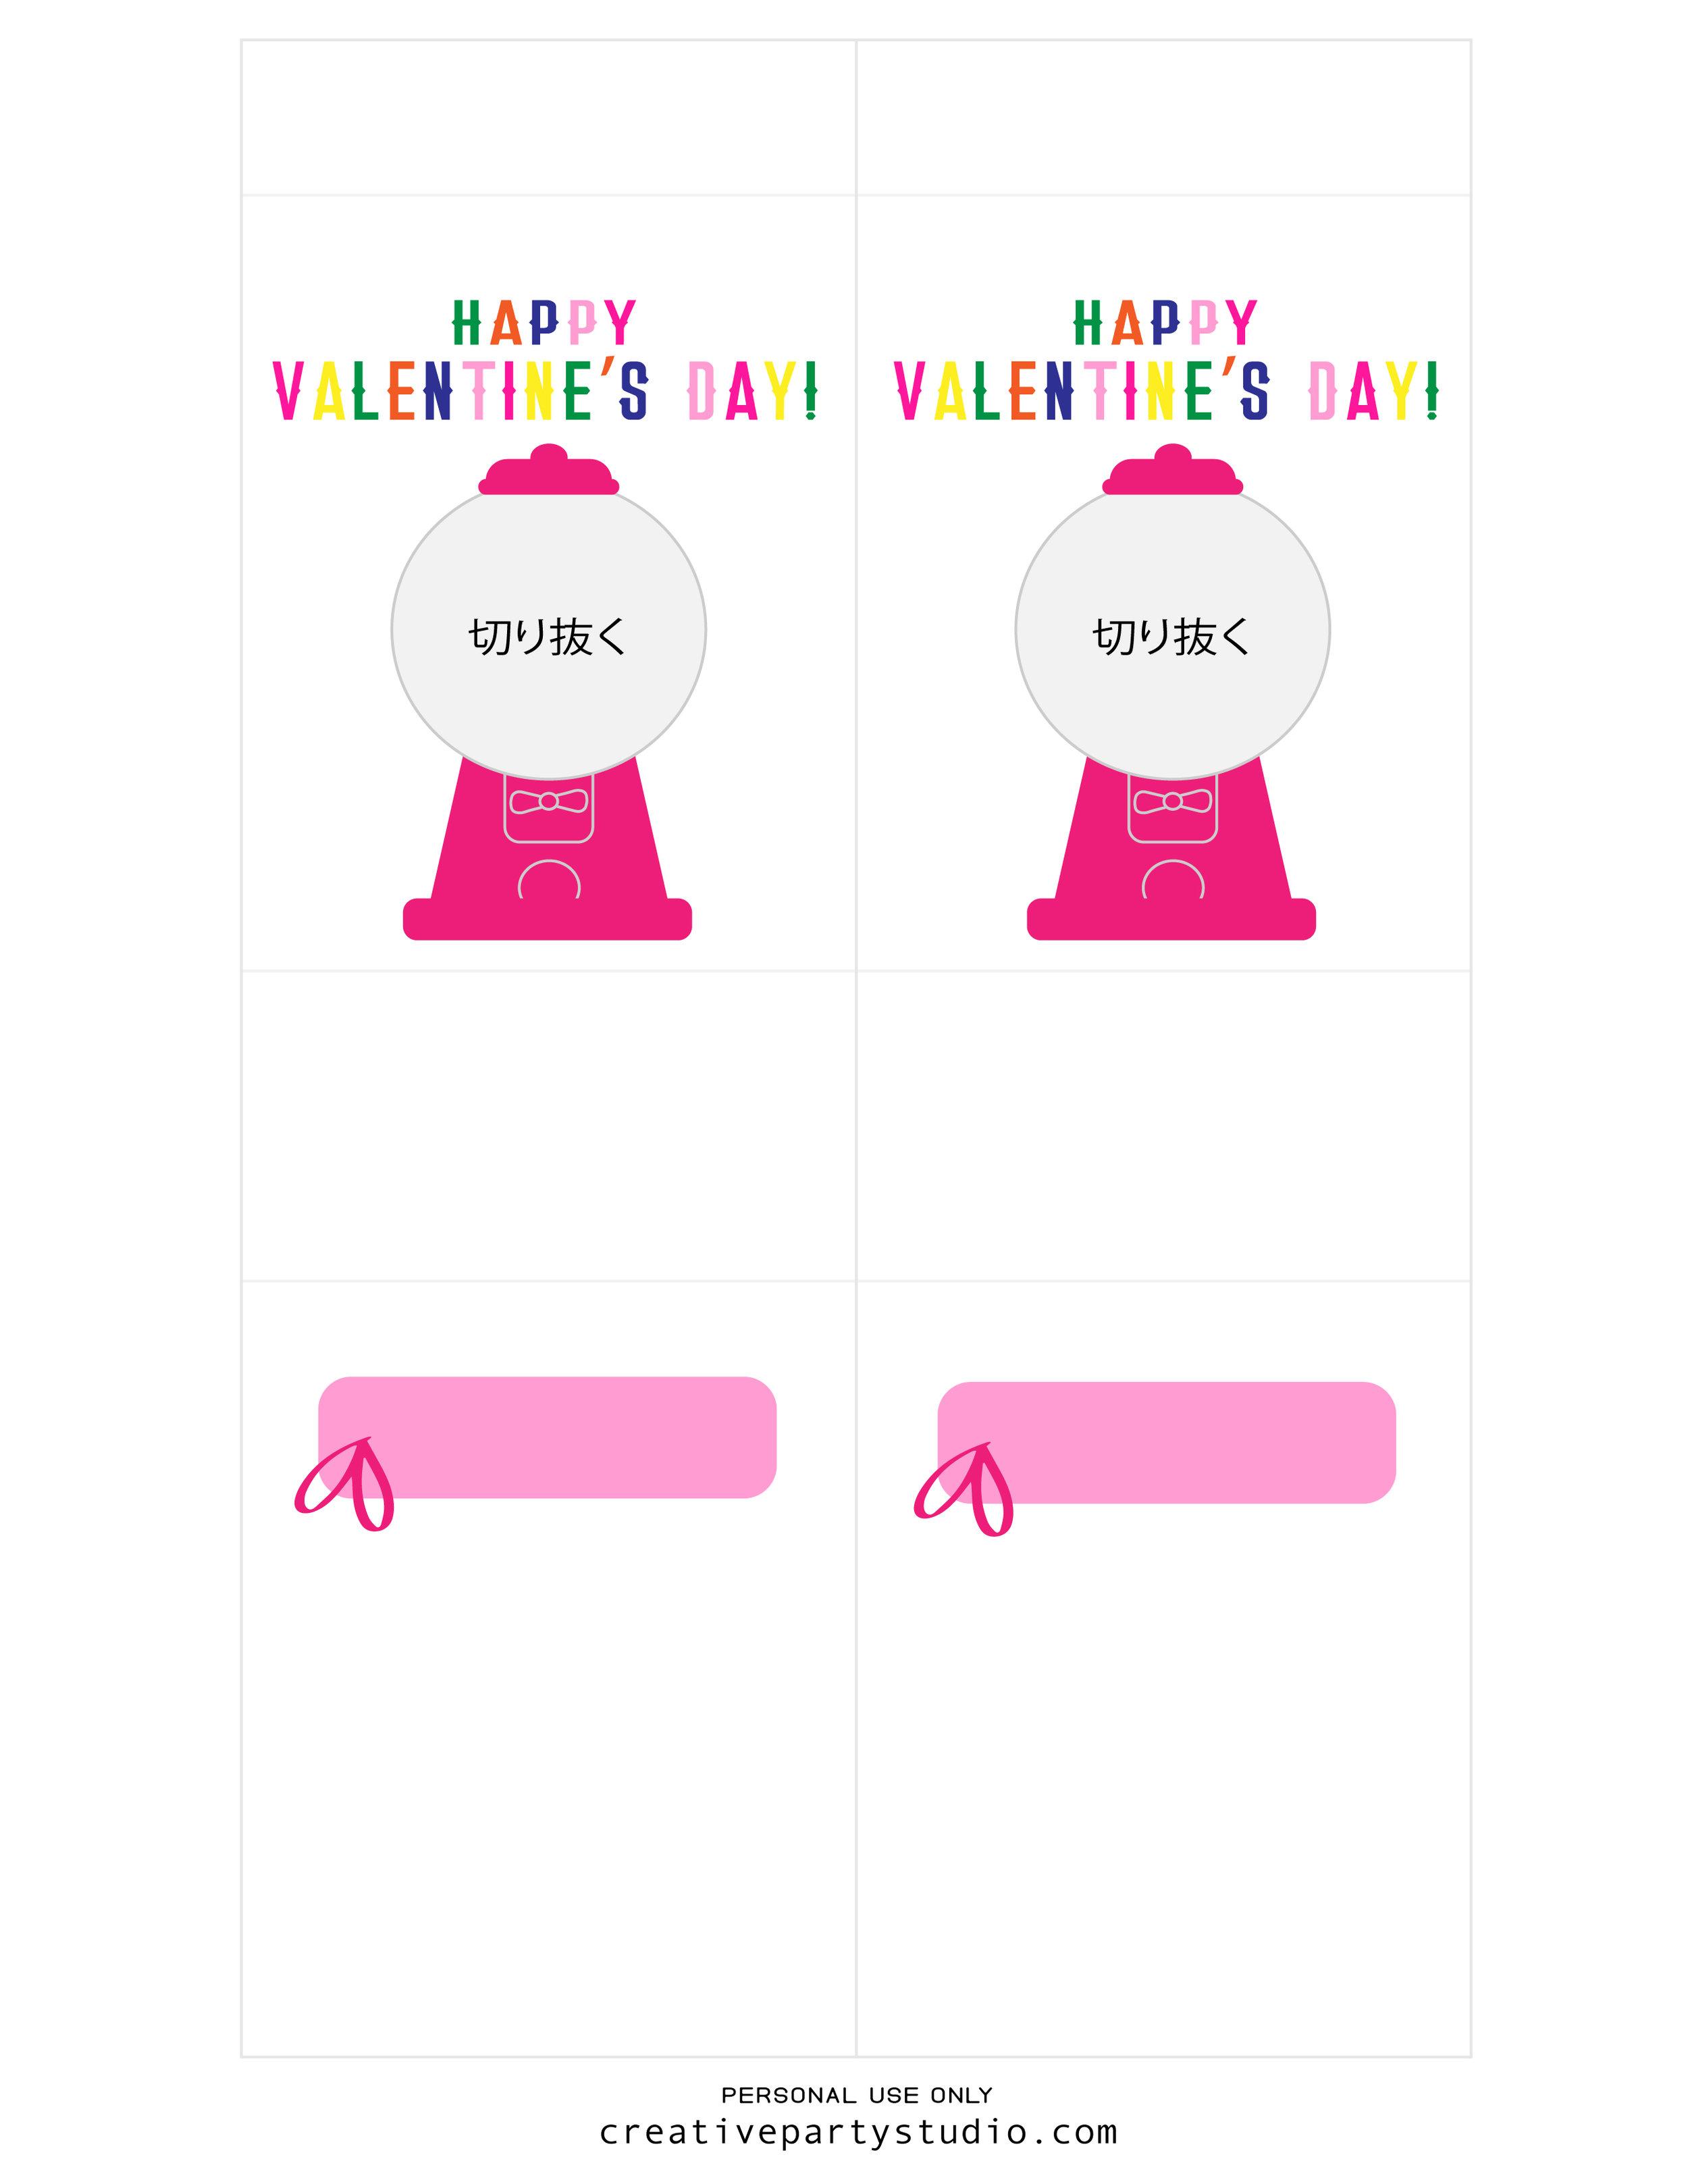 Valentine design 4-01.jpg